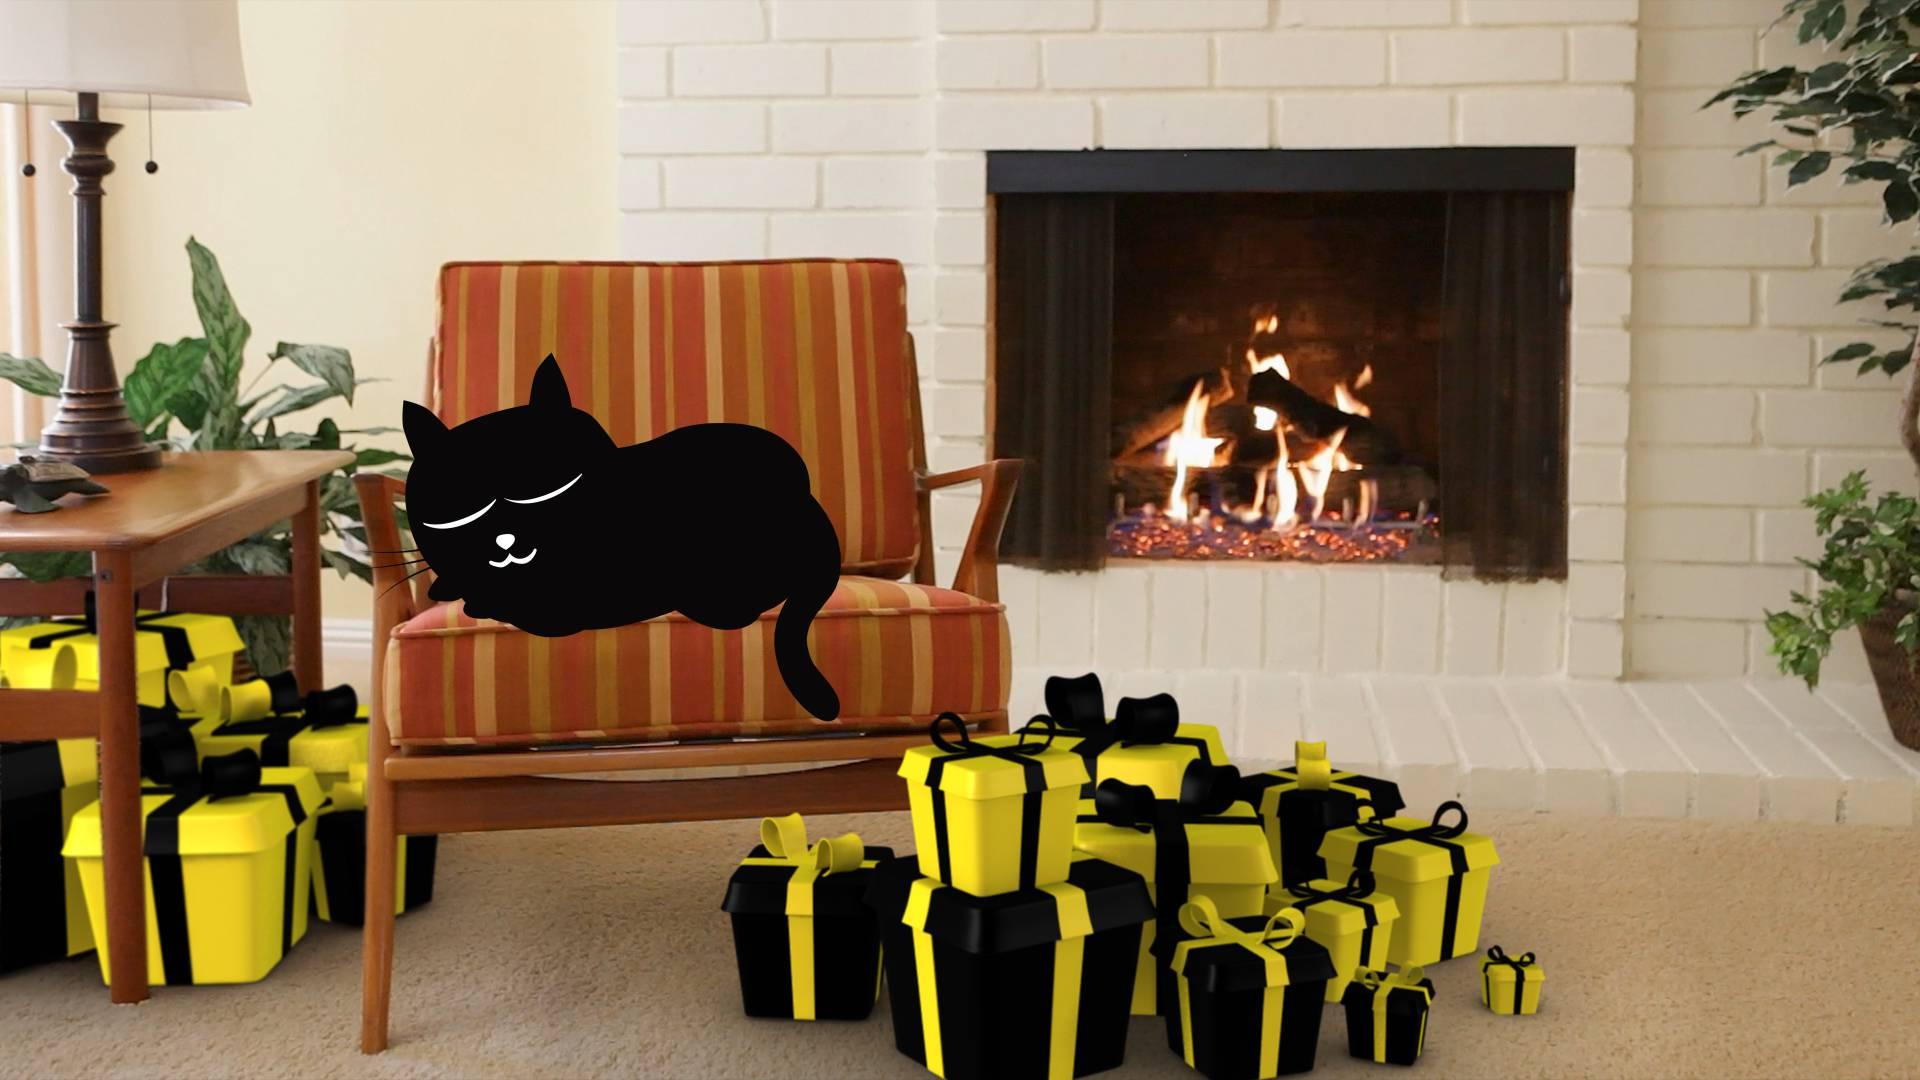 Donosi li crna mačka doista nesreću?